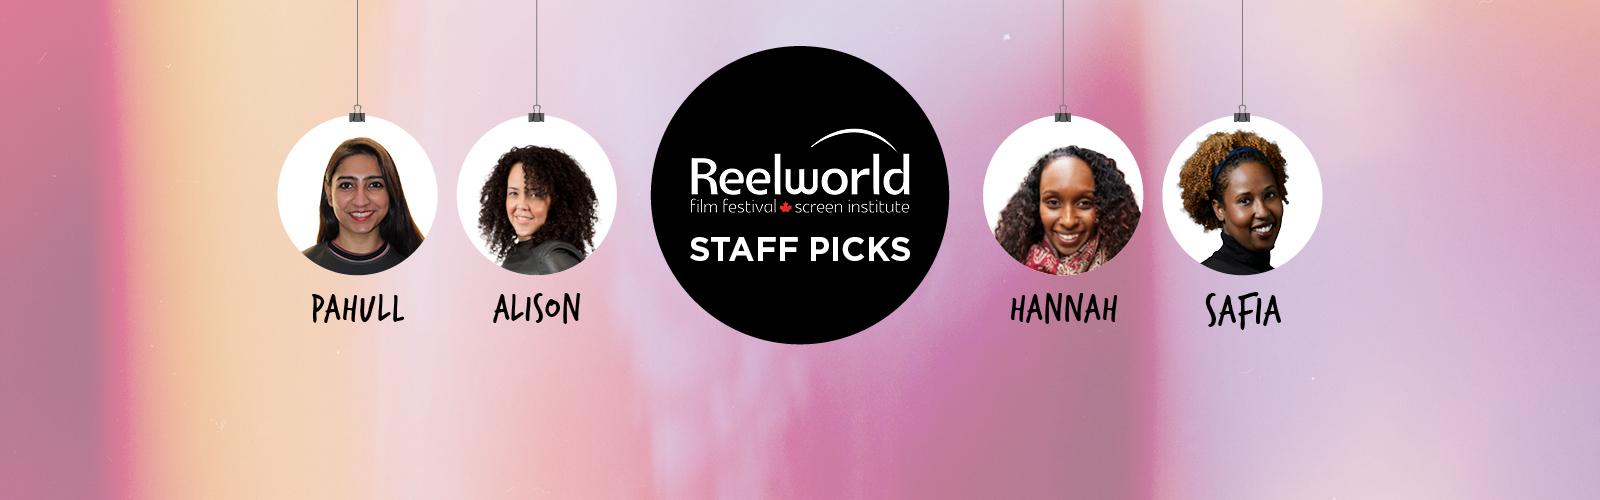 Reelworld Staff Picks